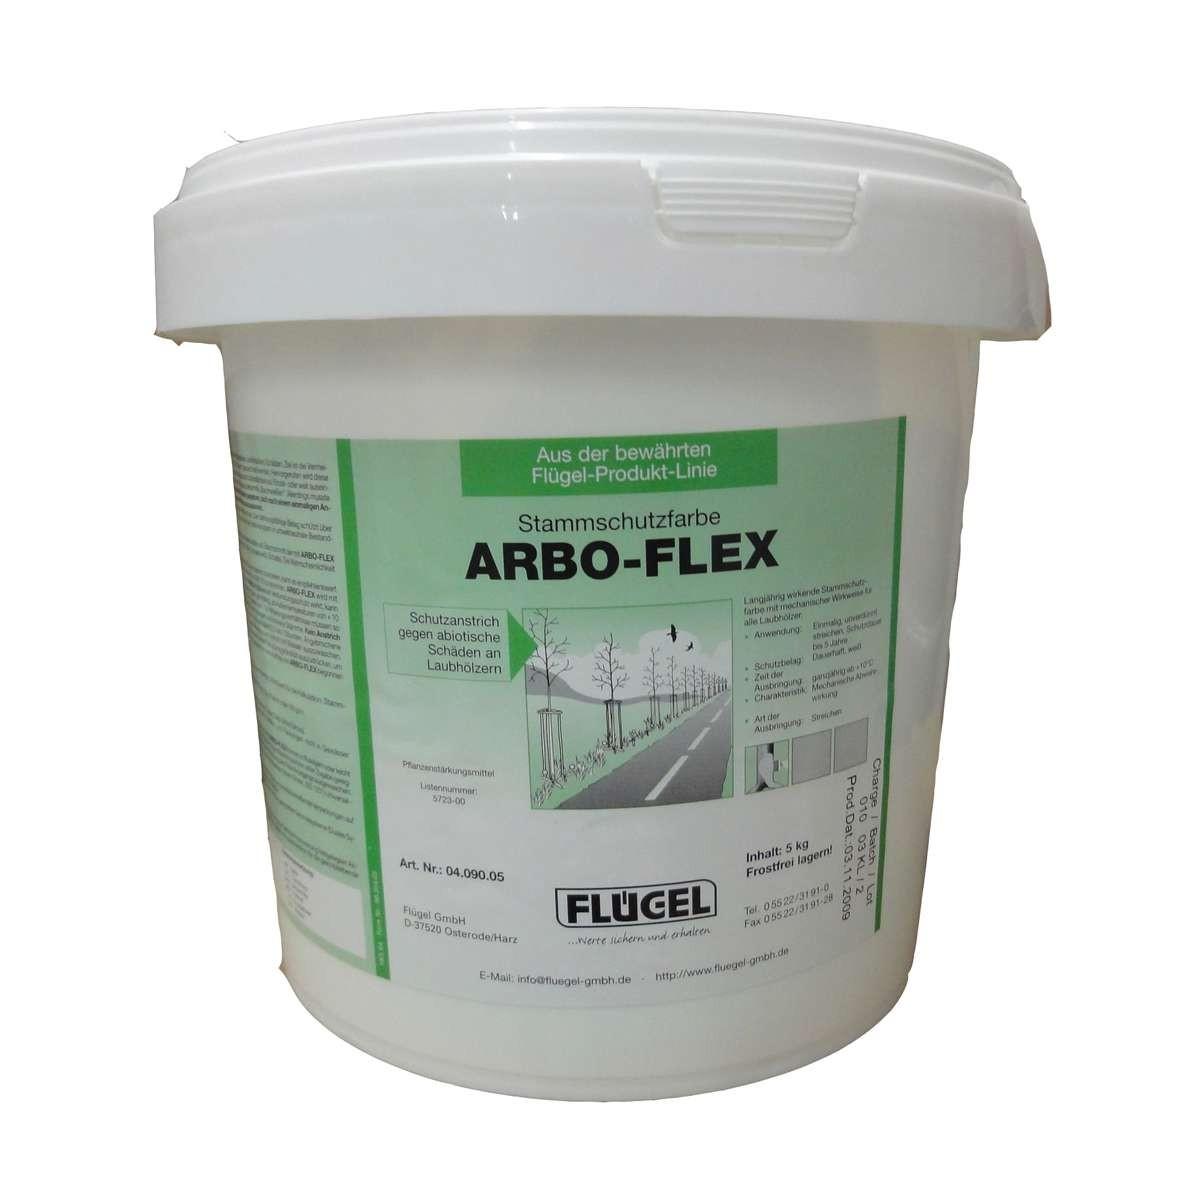 ARBO-FLEX Stammschutzfarbe inkl. Schleifvlies